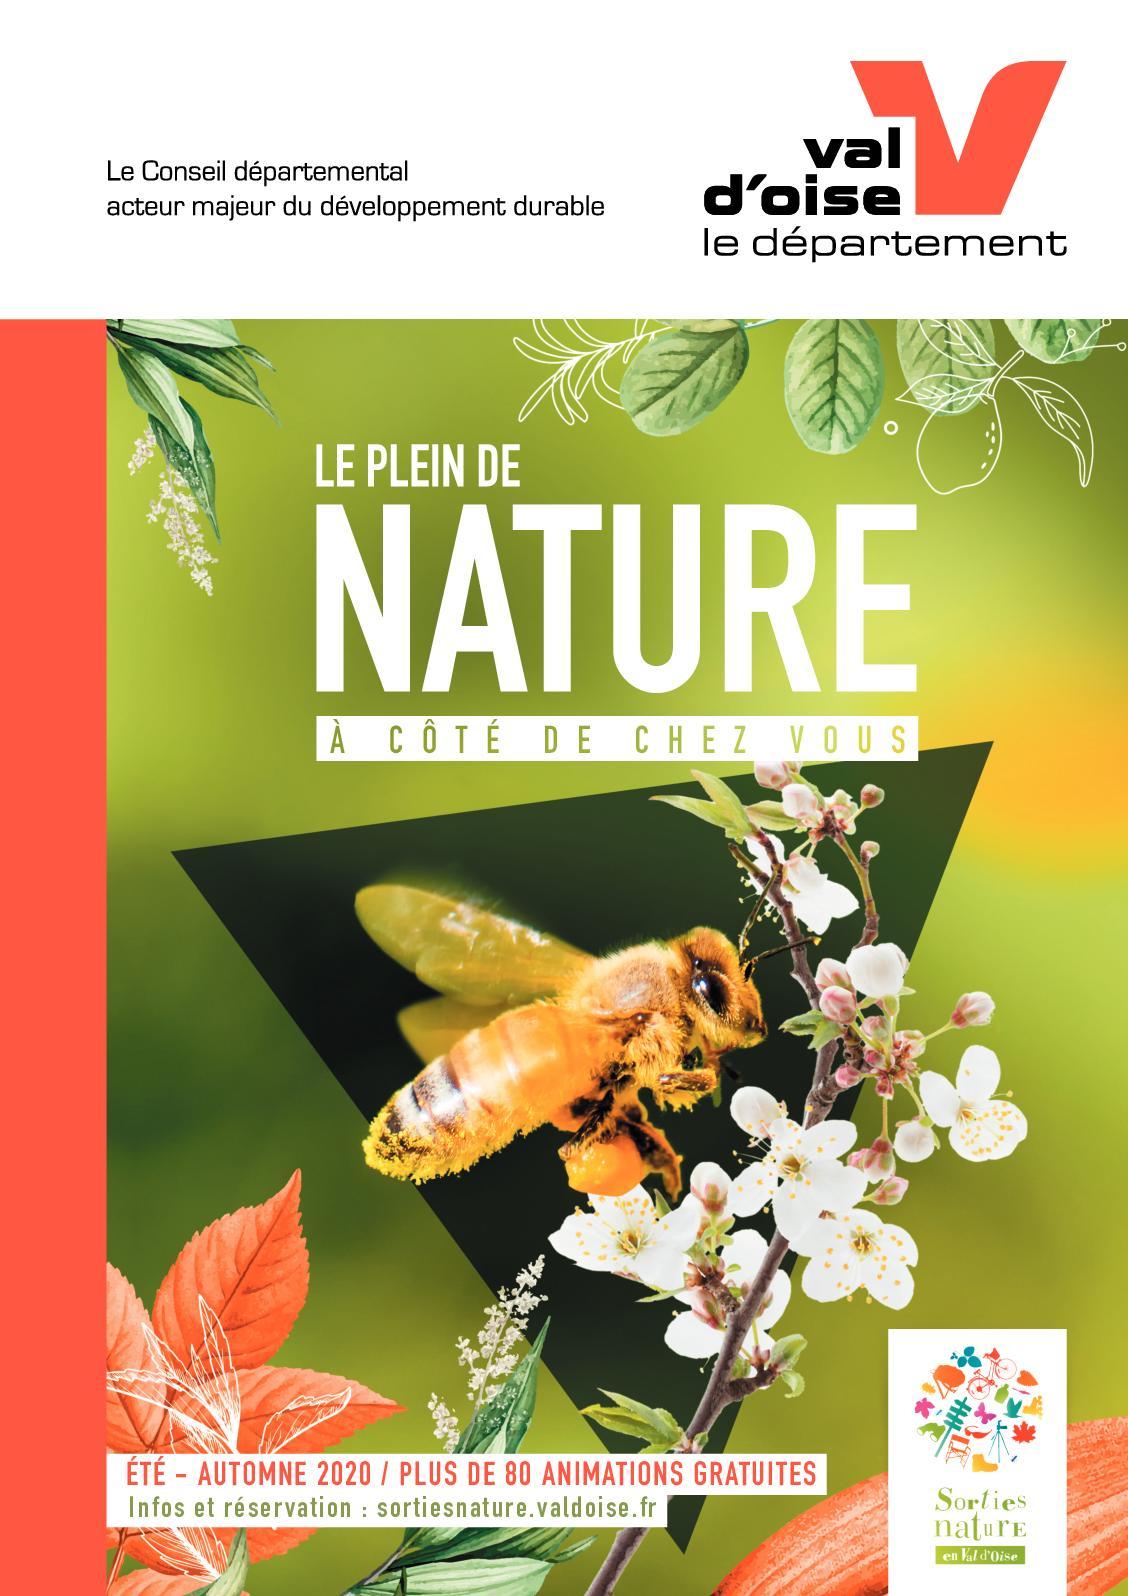 Reprise des activités : Seizième édition des Sorties Nature